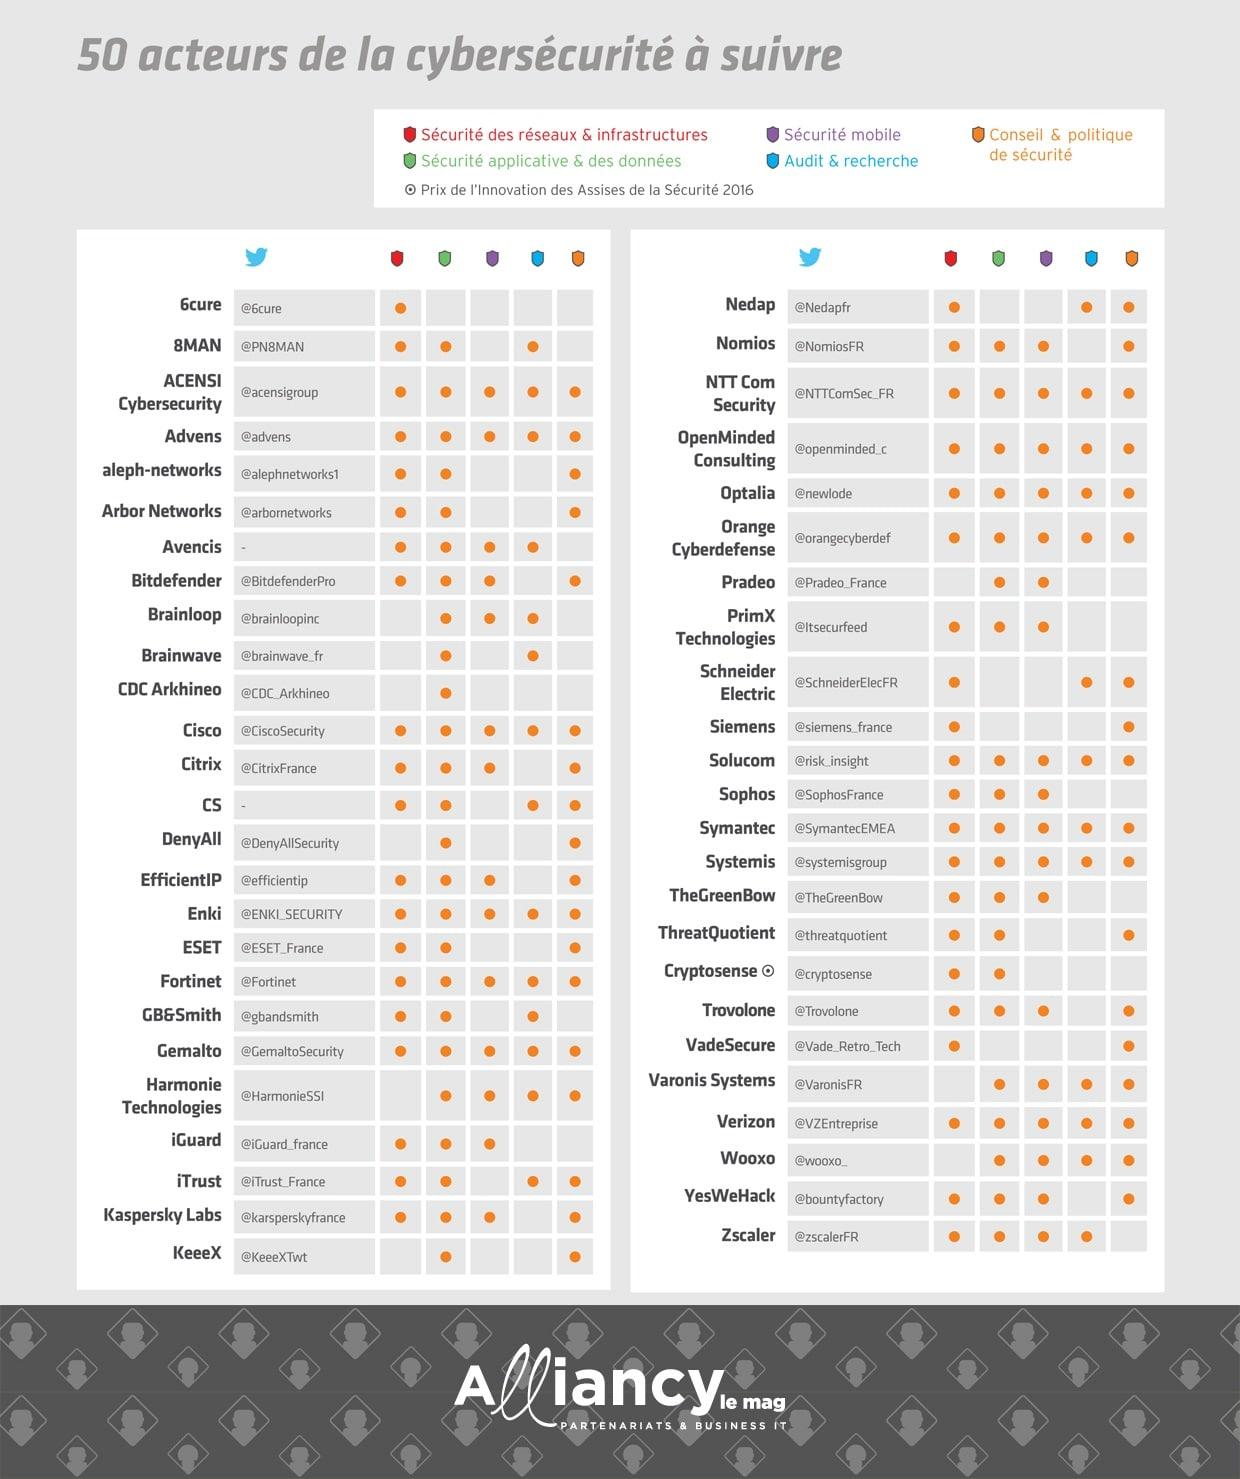 Numérique & Business Vie numérique Business Techno Start-up Terrain Personnalités Pratique Dossiers HOME ► A L'AFFICHE A L'AFFICHE / CYBERSÉCURITÉ Cybersécurité : 50 acteurs à suivre